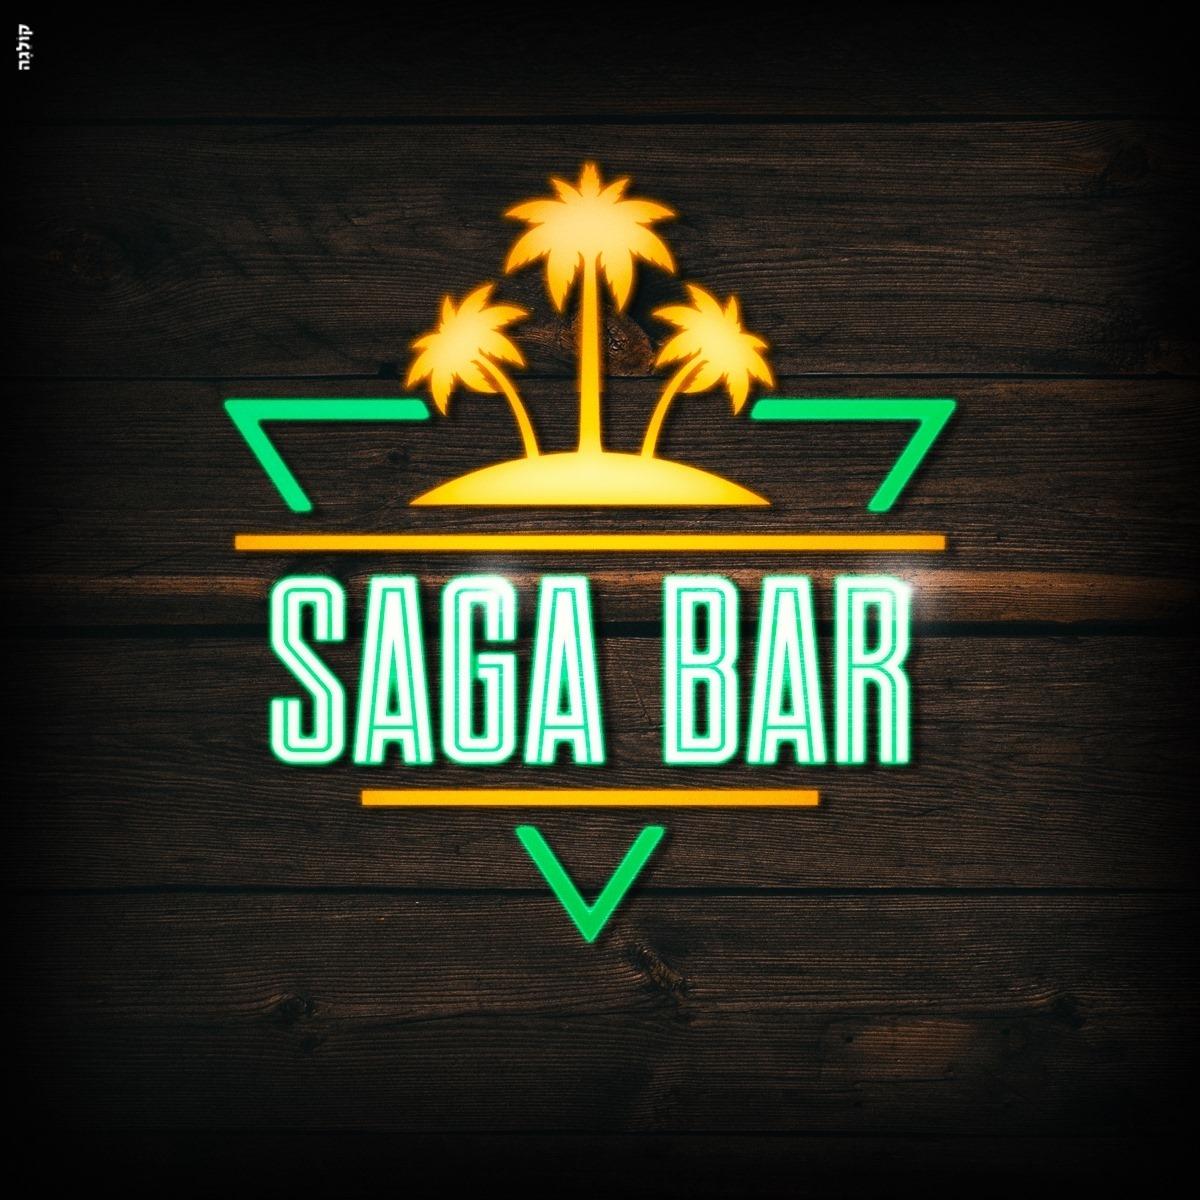 saga bar-חדרה